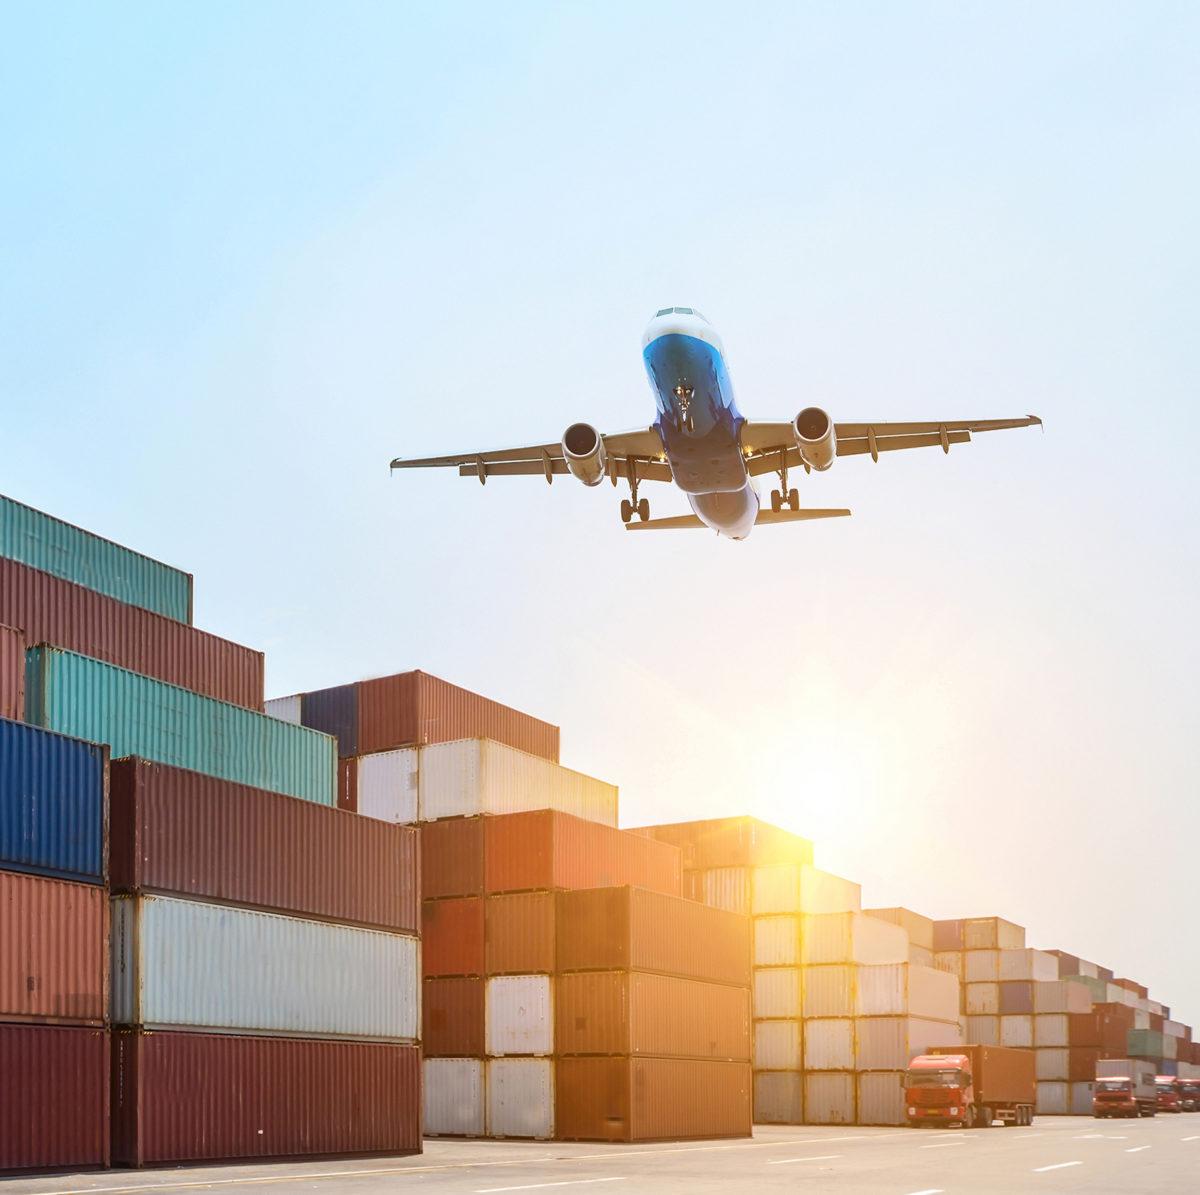 3-Air-Freight-1200x1195.jpg